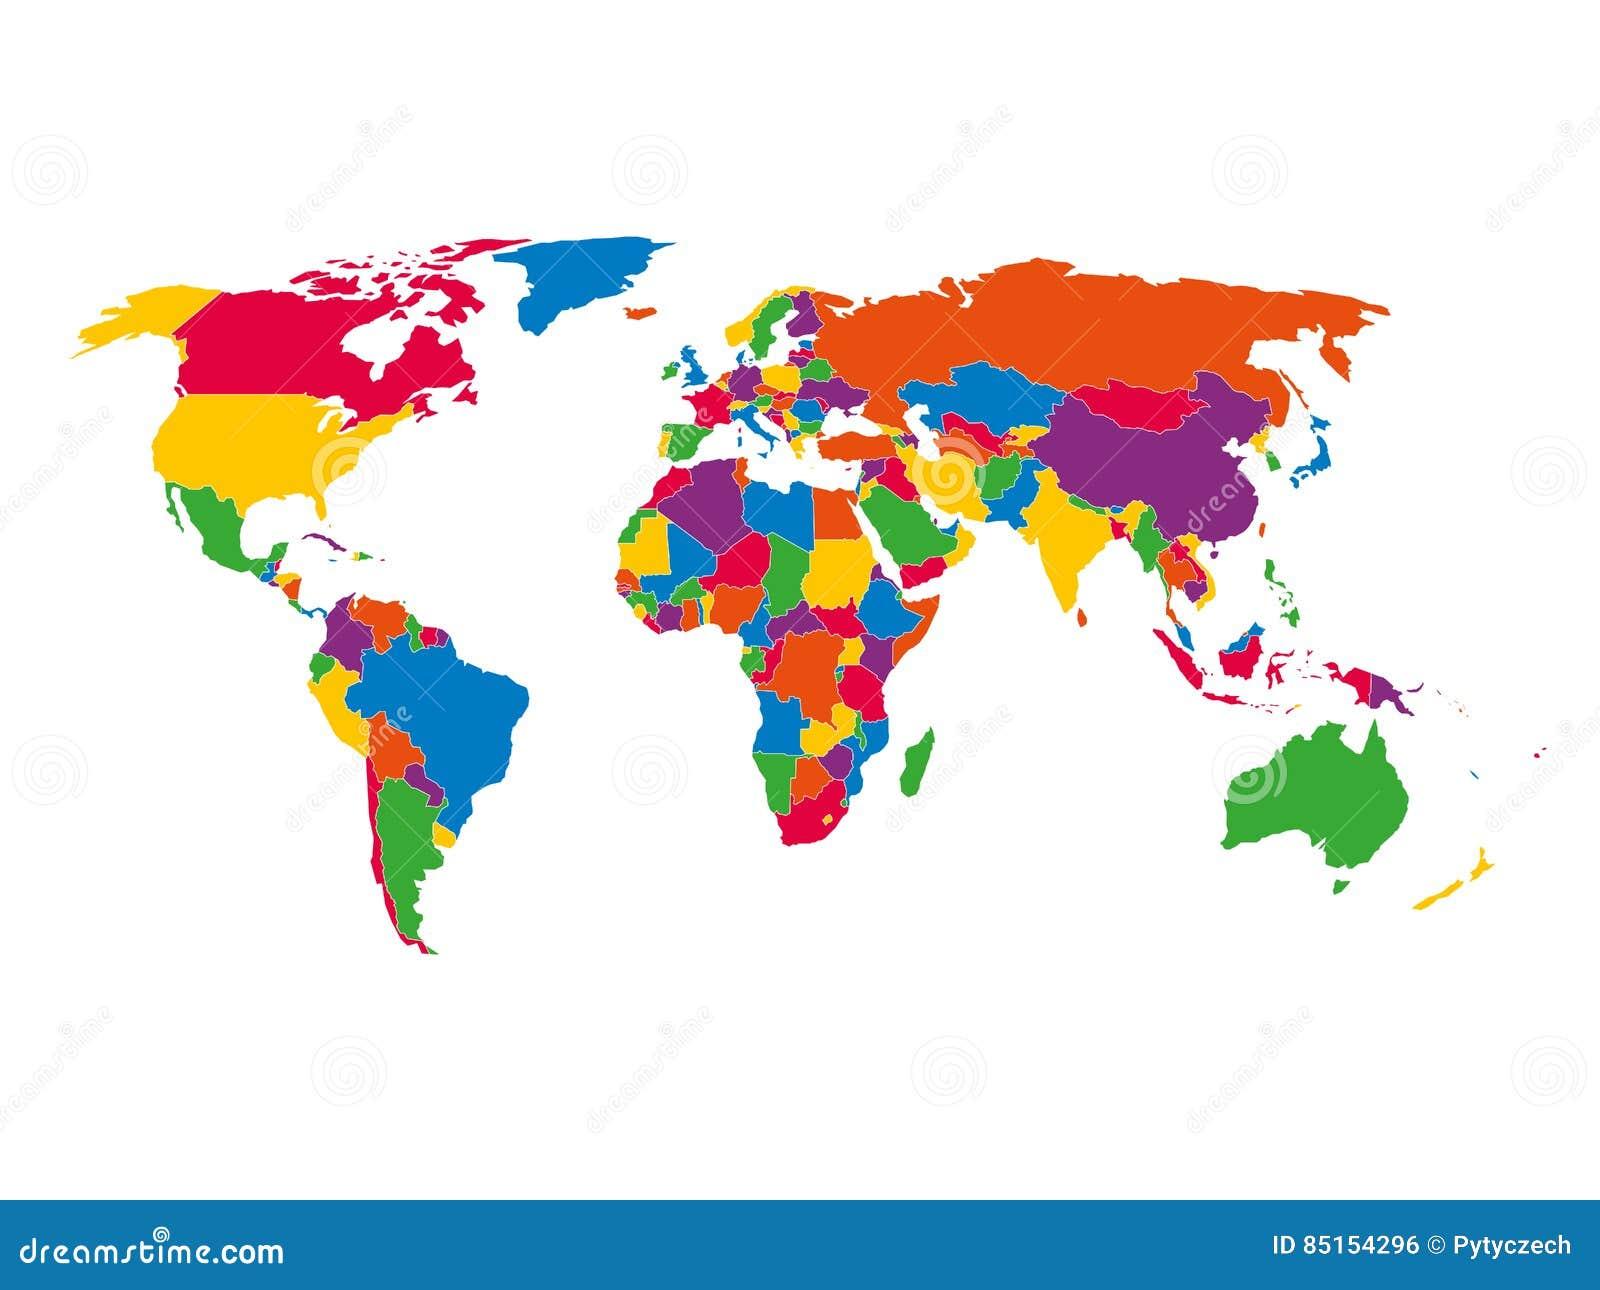 Πολύχρωμος κενός πολιτικός χάρτης του κόσμου με τα εθνικά σύνορα των χωρών στο άσπρο υπόβαθρο